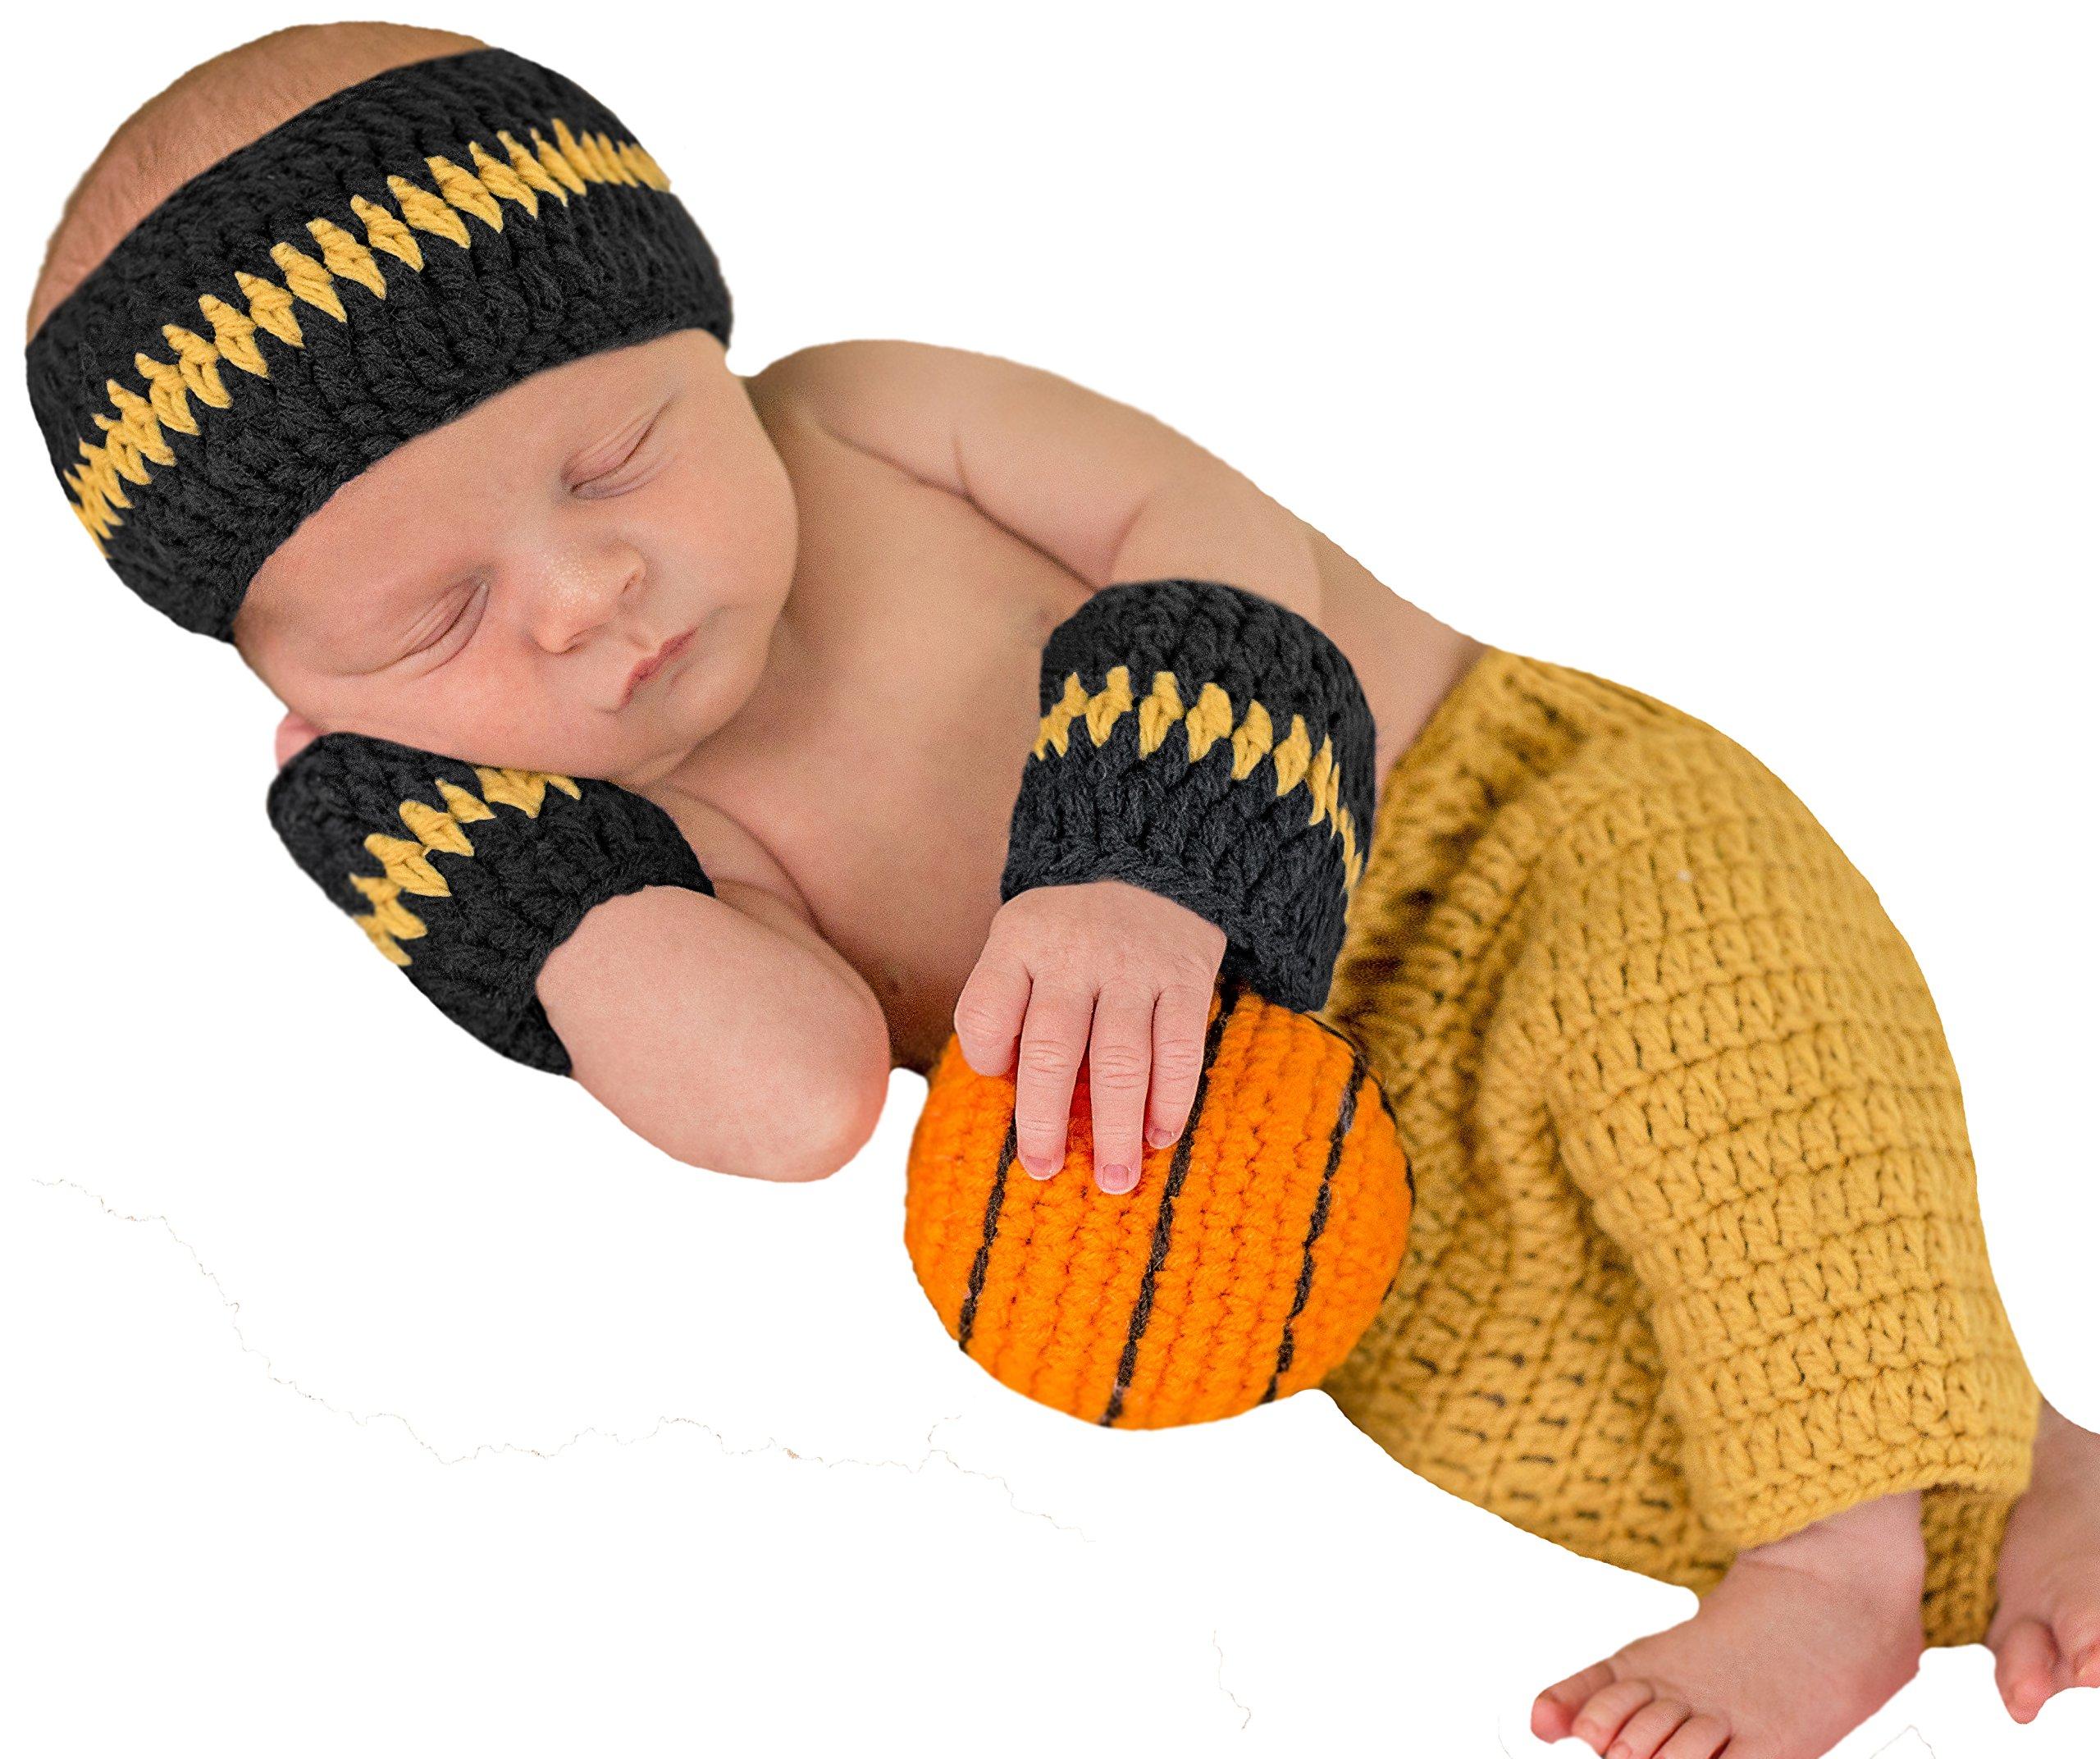 Melondipity Baby Boys Basketball Set - Sweatband, Wristband, Shorts and Ball by Melondipity Baby Hats (Image #1)